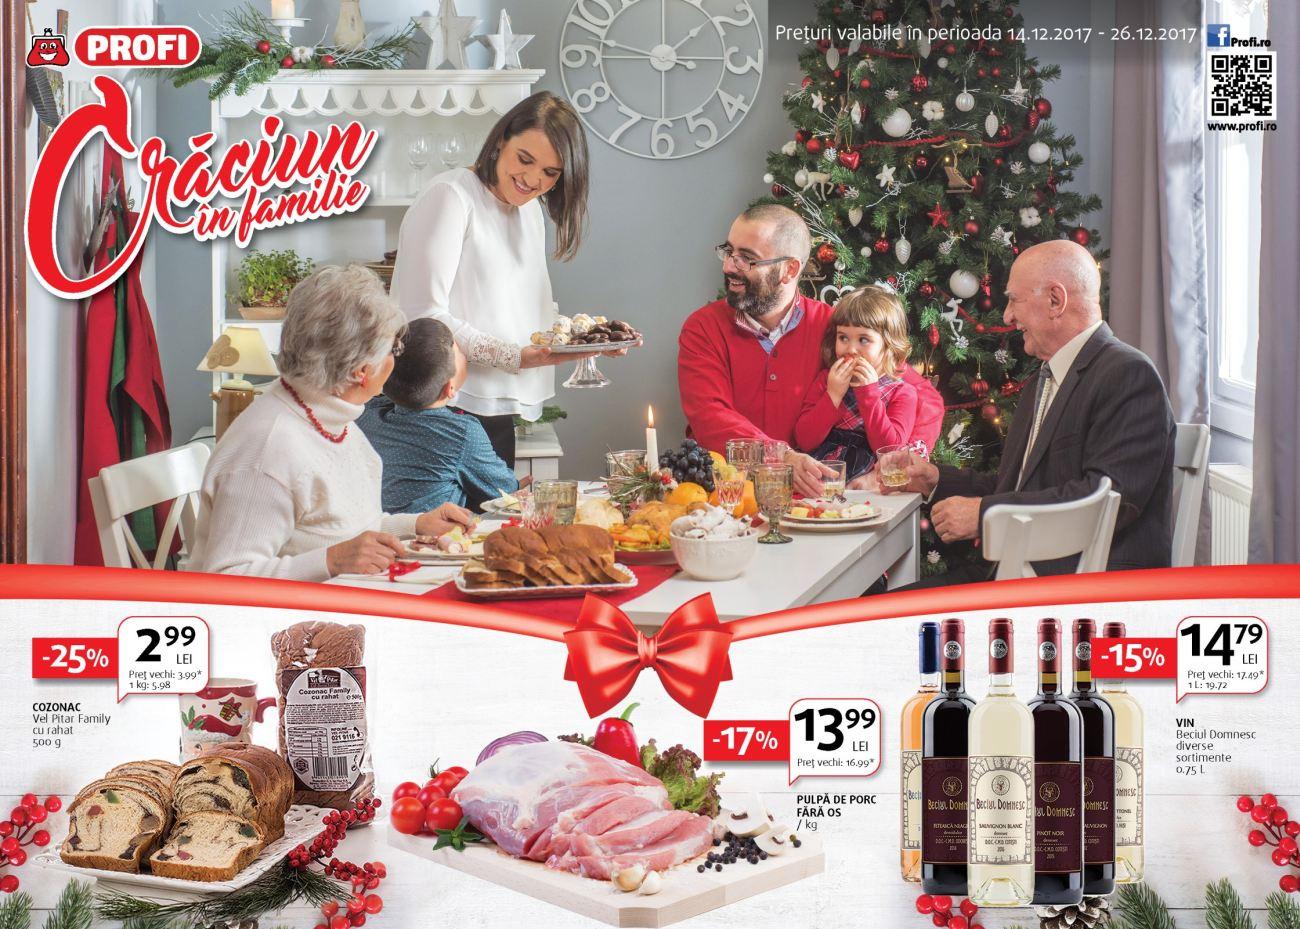 Catalog Profi oferte 14 decembrie - 26 decembrie, 2017. Oferte alimentare